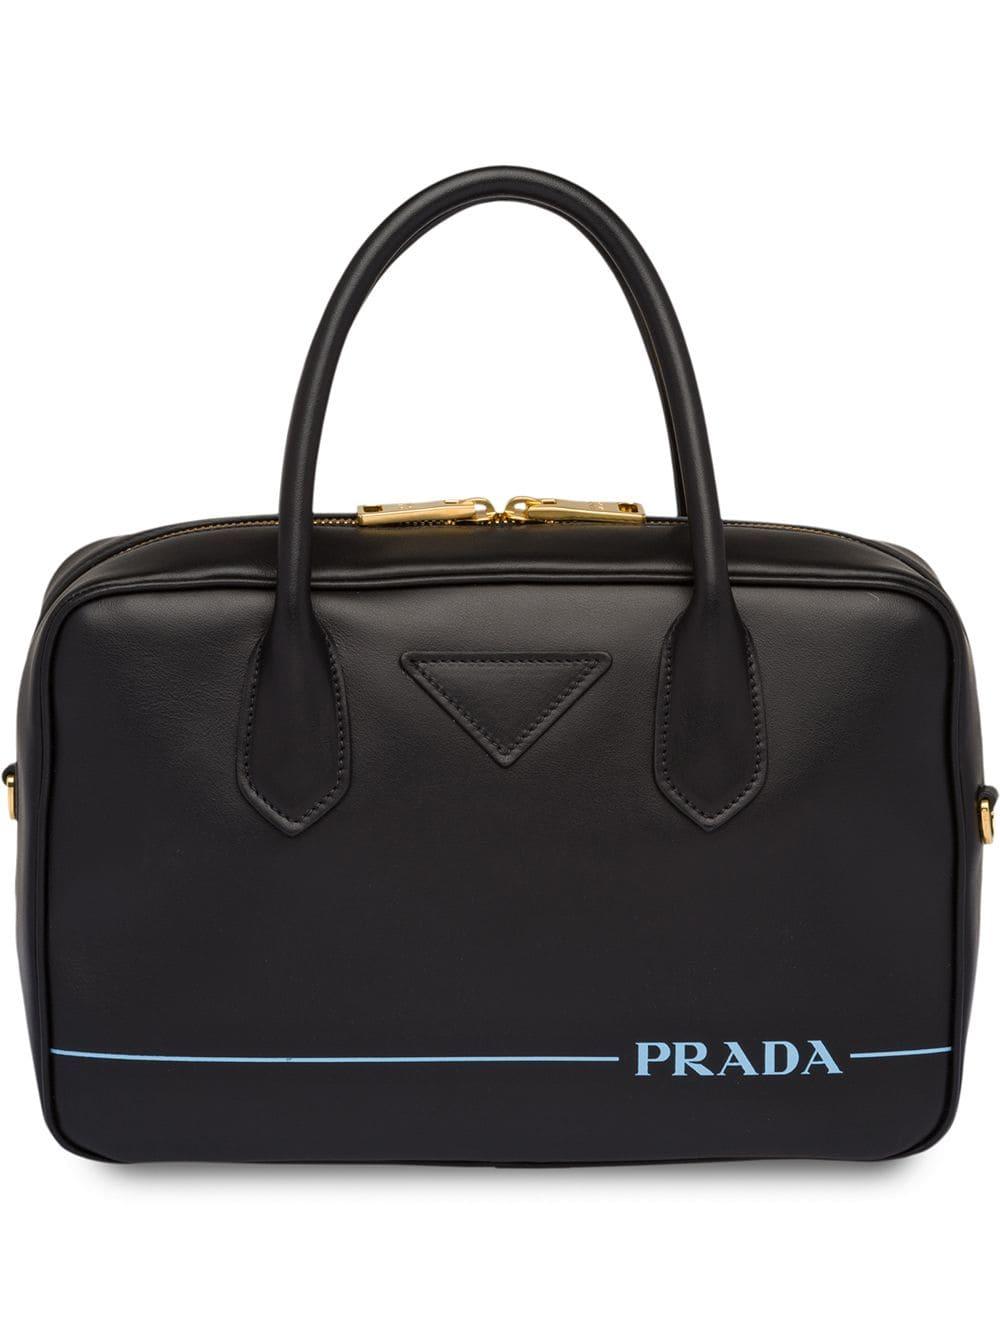 Prada Kleine Prada 'Mirage' Handtasche - Schwarz